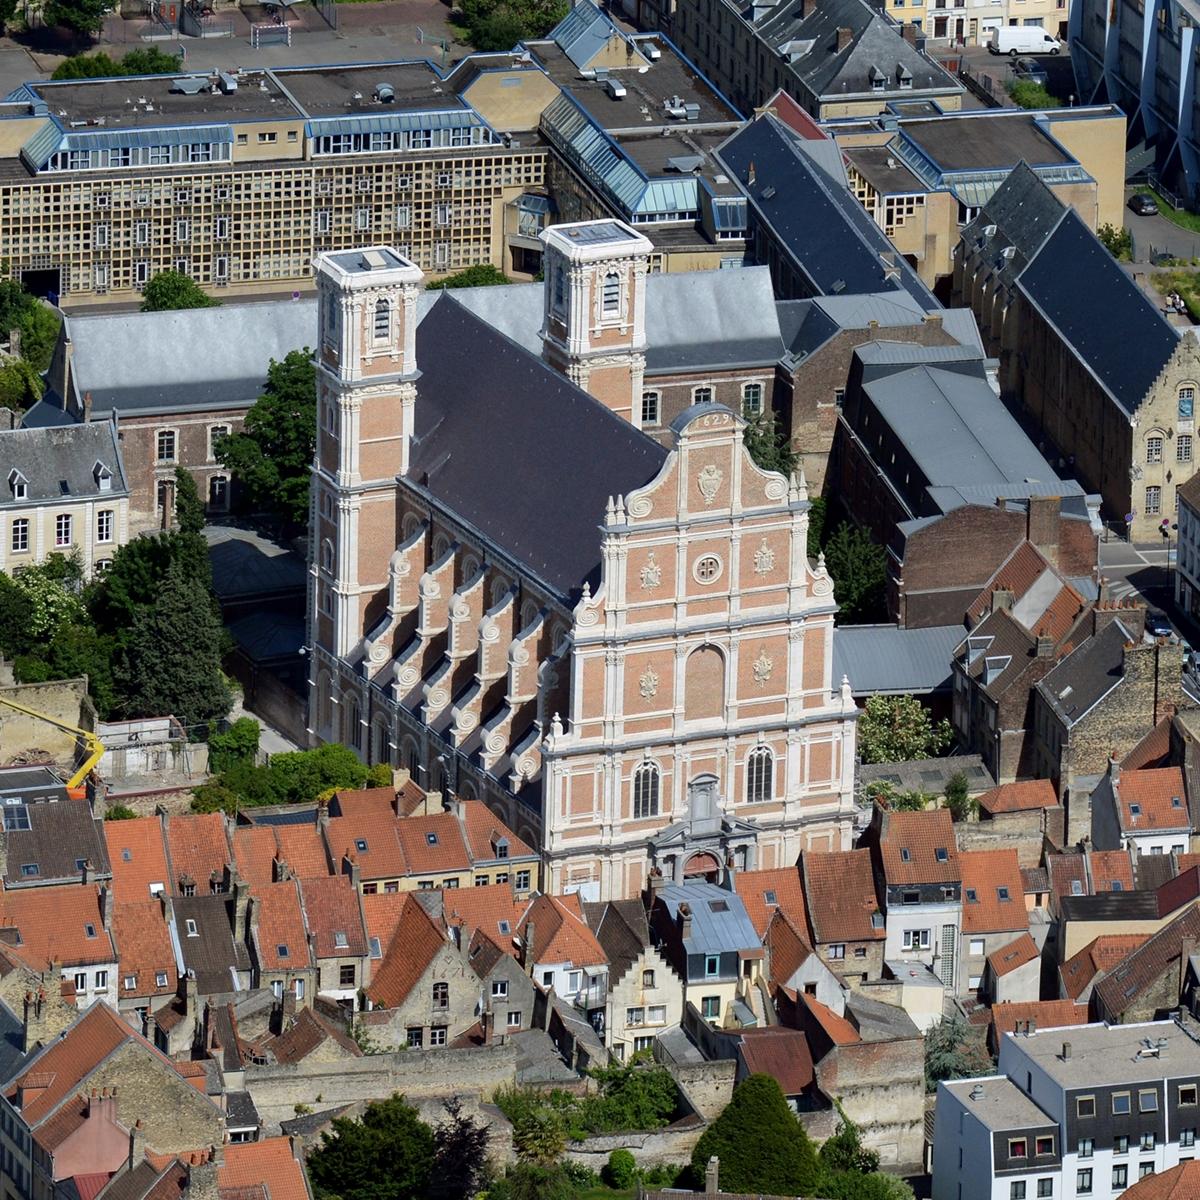 Atelier de d couverte de l 39 architecture et du patrimoine saint omer - Office de tourisme saint omer ...